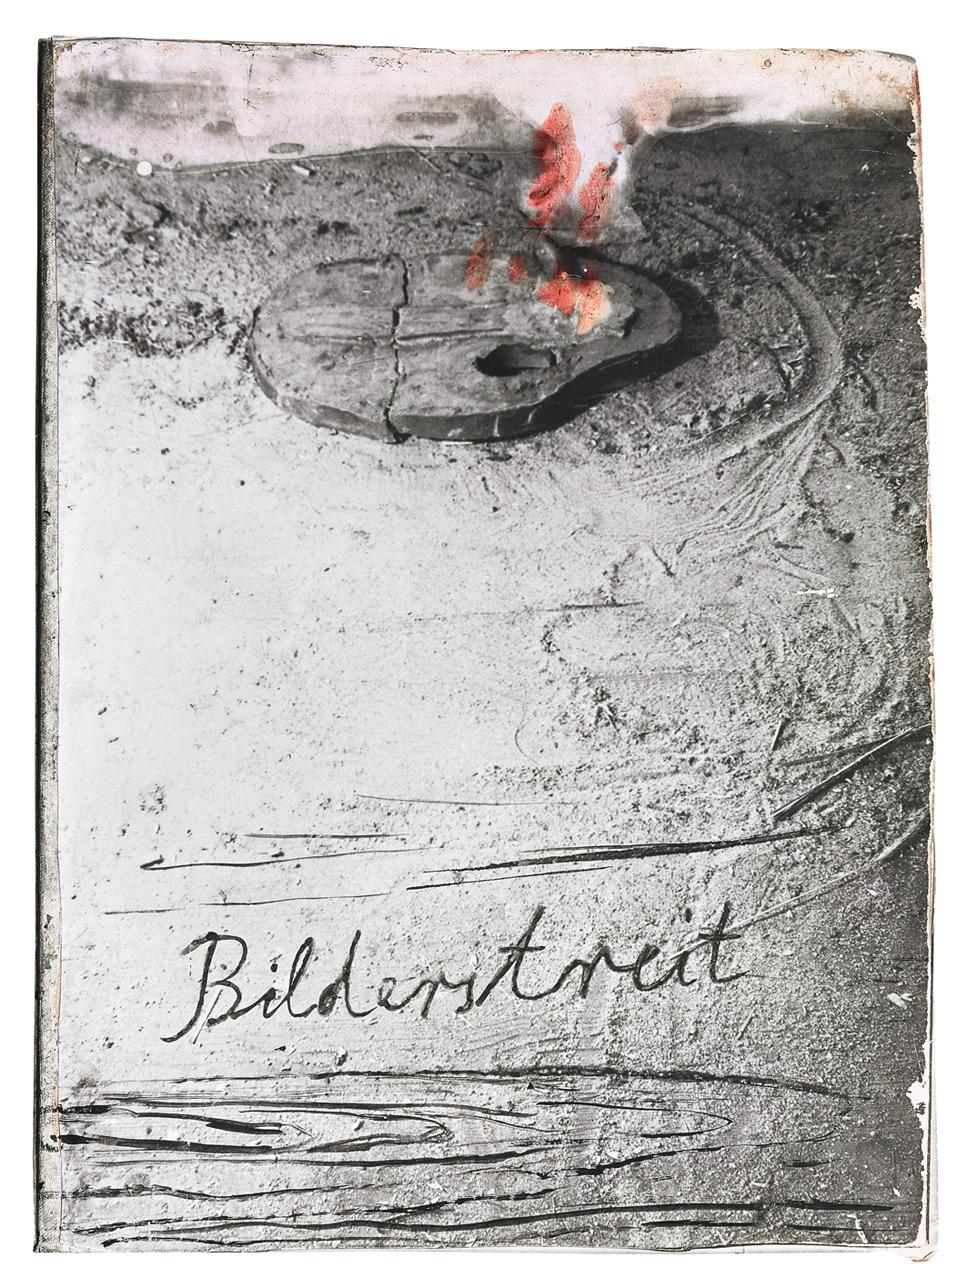 Bataille d'images | Anselm Kiefer | Guggenheim Bilbao Museoa